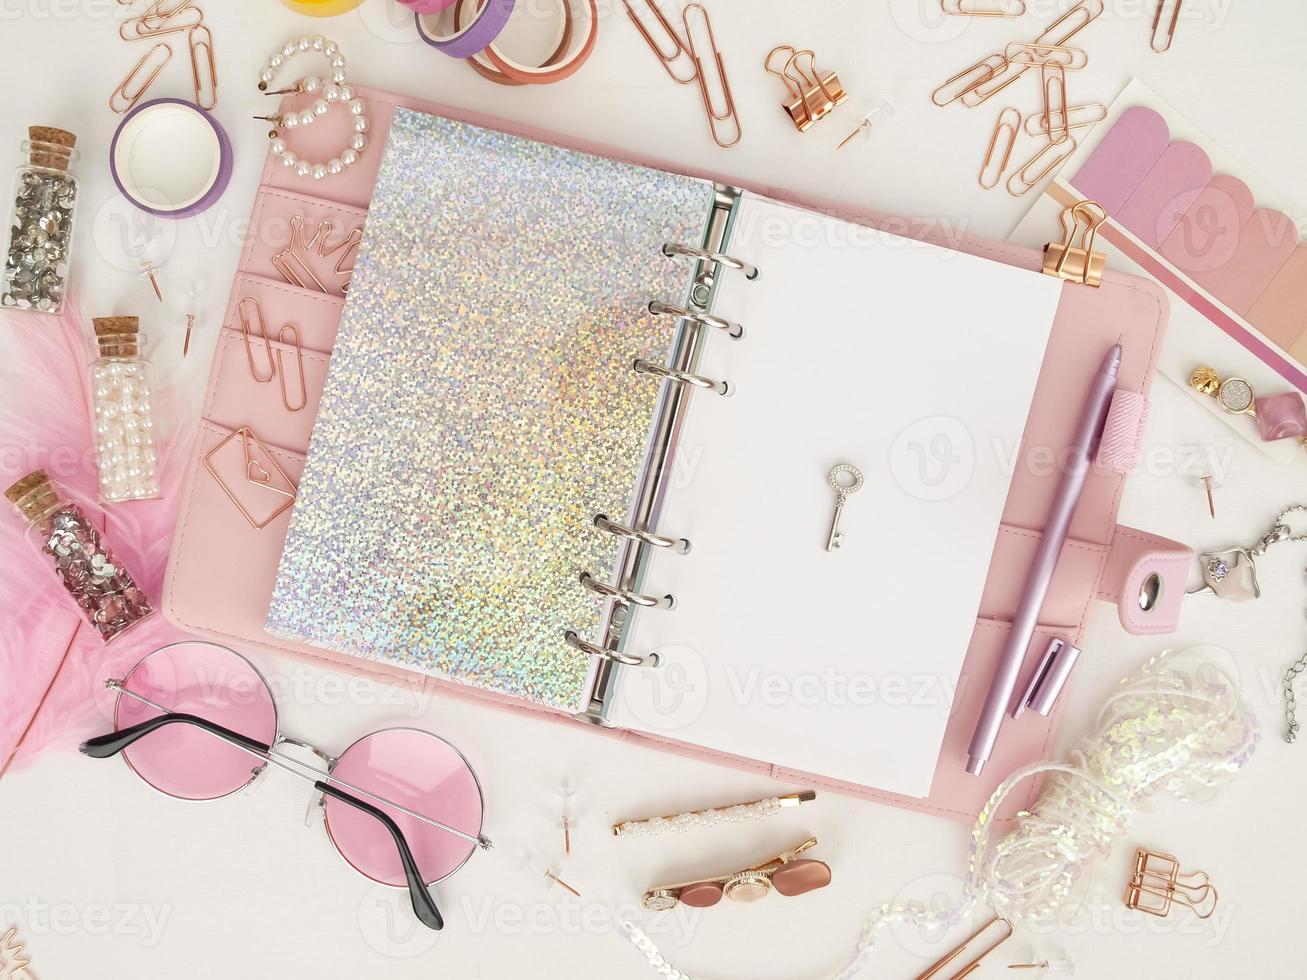 dagboek geopend met witte en holografische pagina. roze planner met schattig briefpapier. bovenaanzicht van de roze planner met briefpapier. roze glamour planner decoratie foto